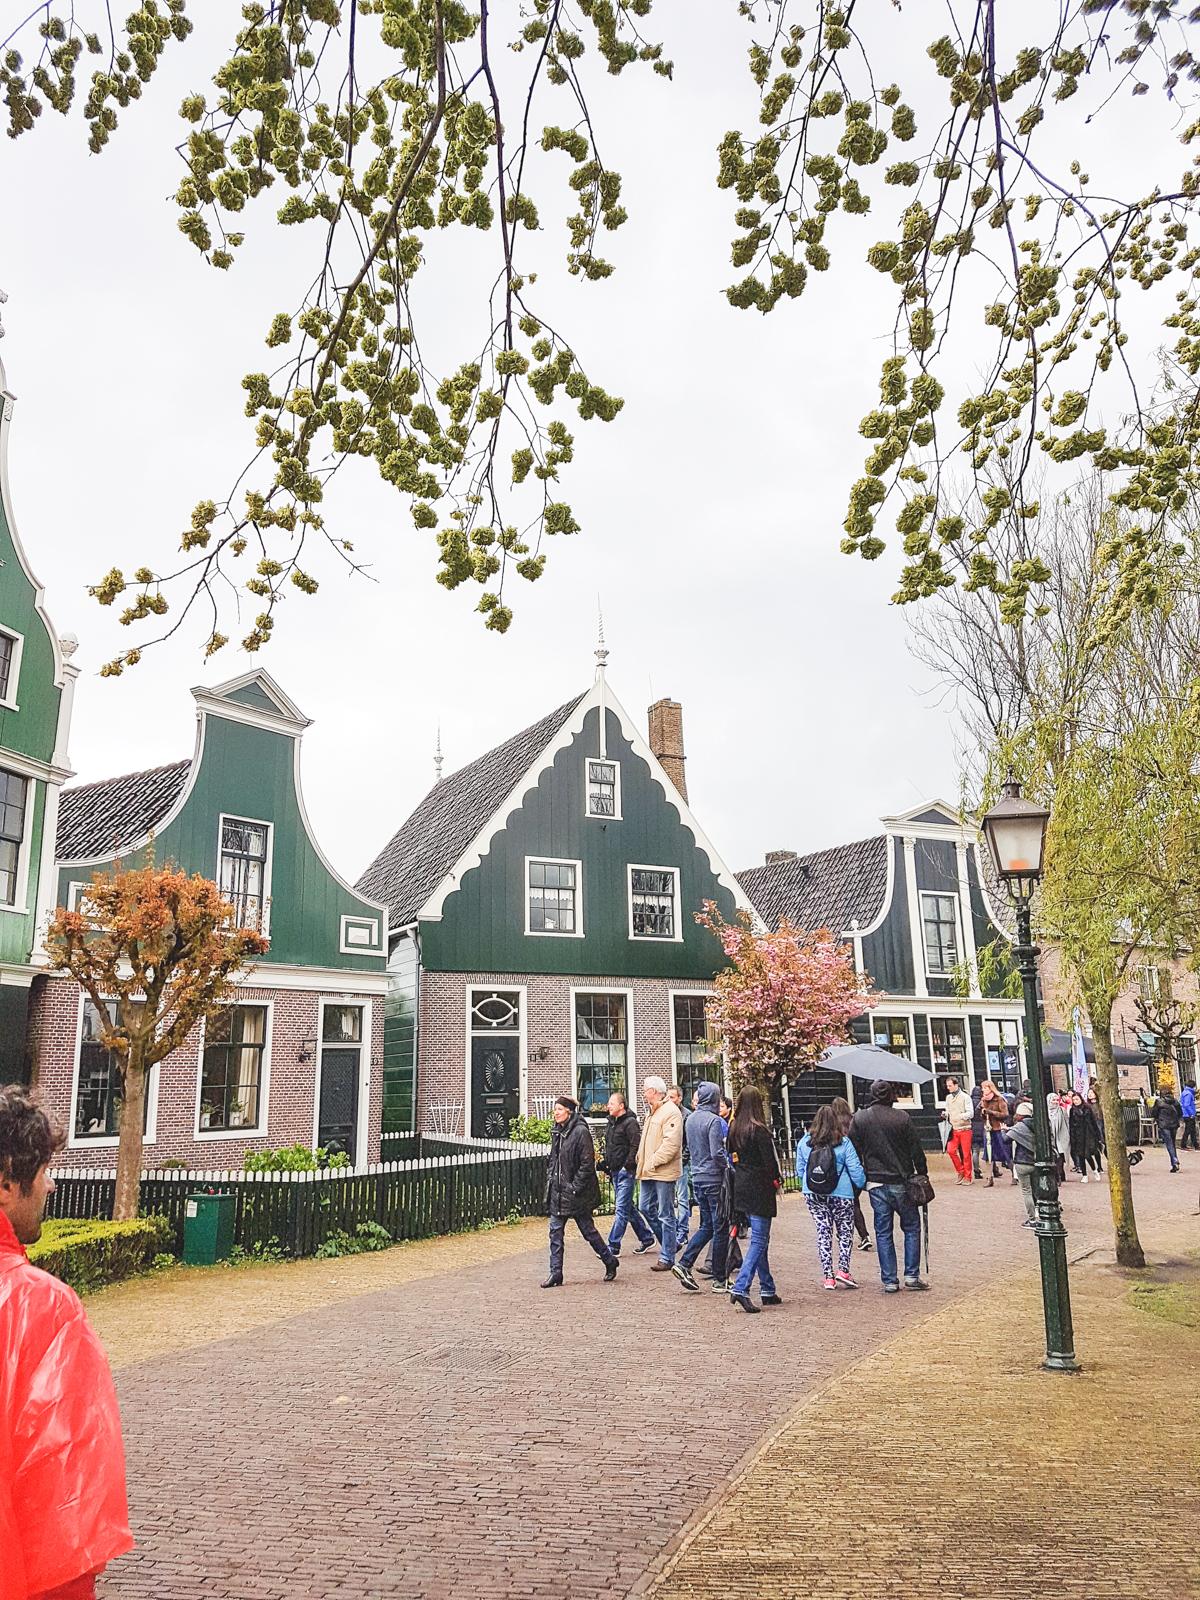 Houses at Zaanse Schans, Holland, The Netherlands